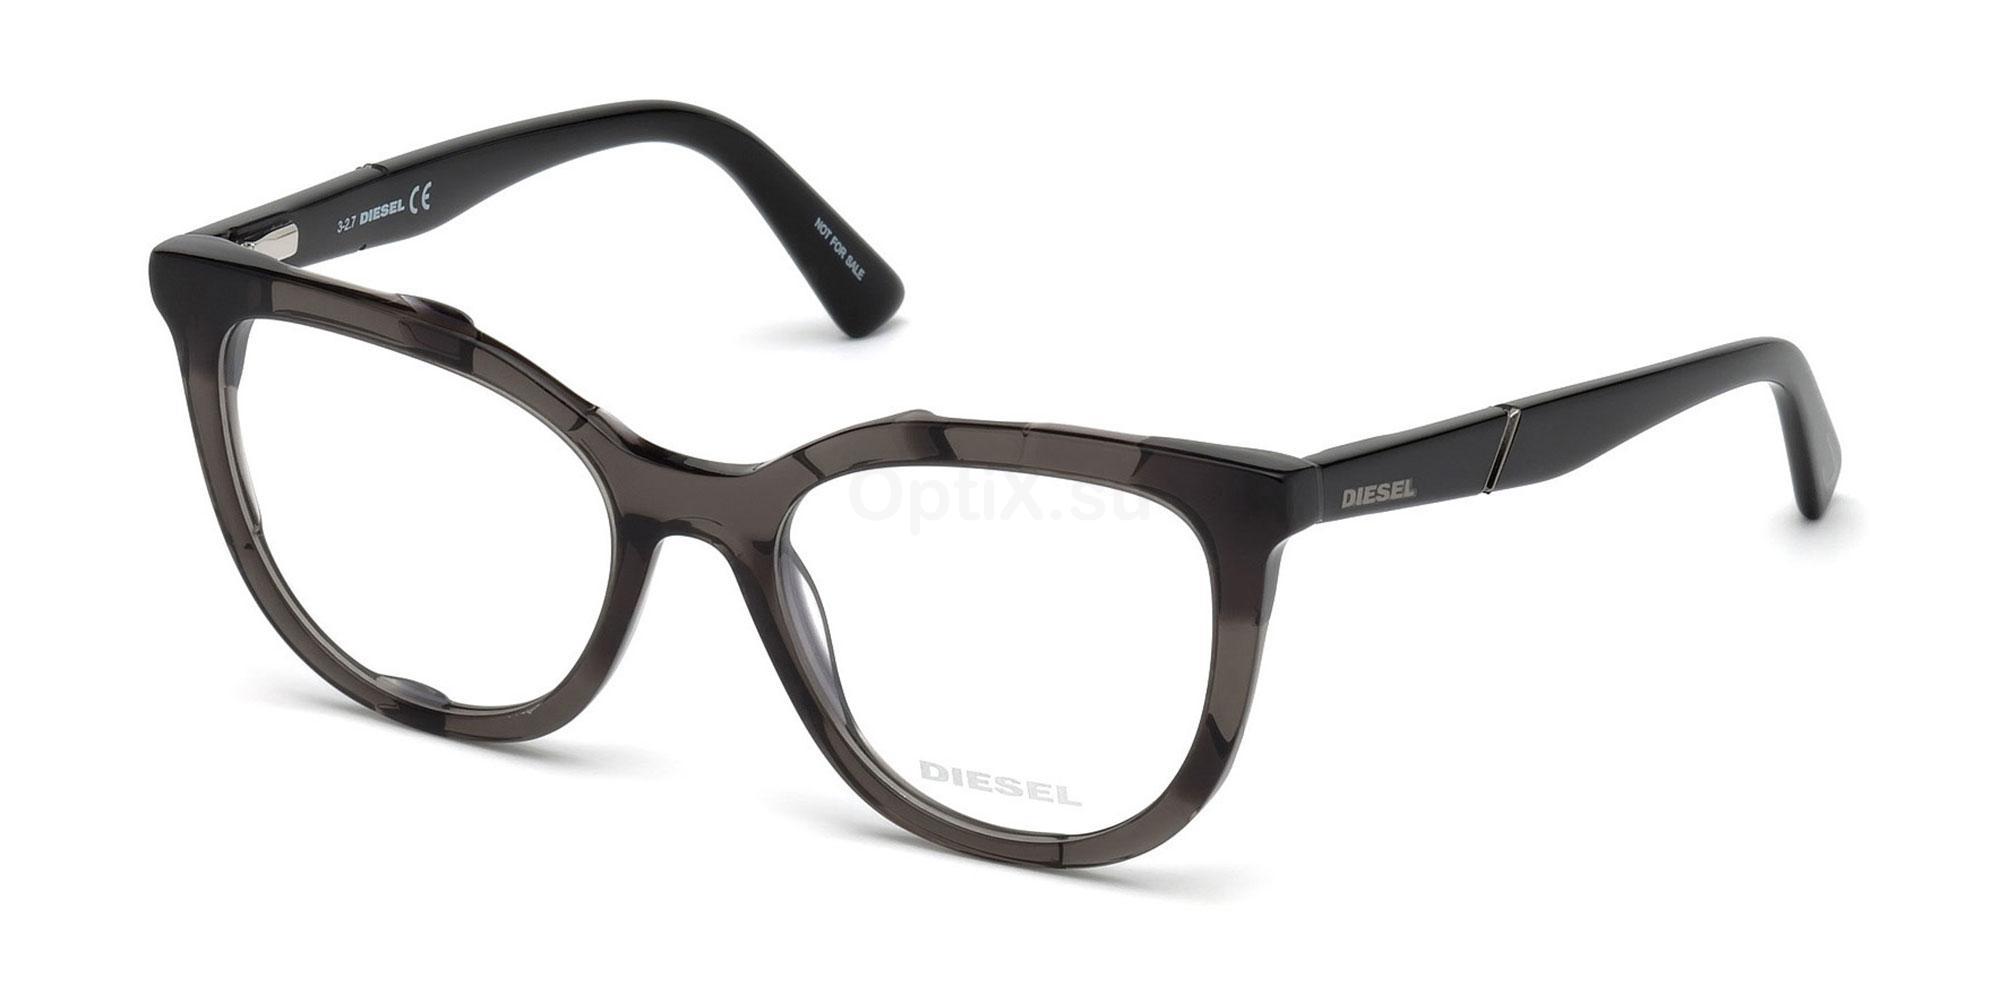 020 DL5277 Glasses, Diesel